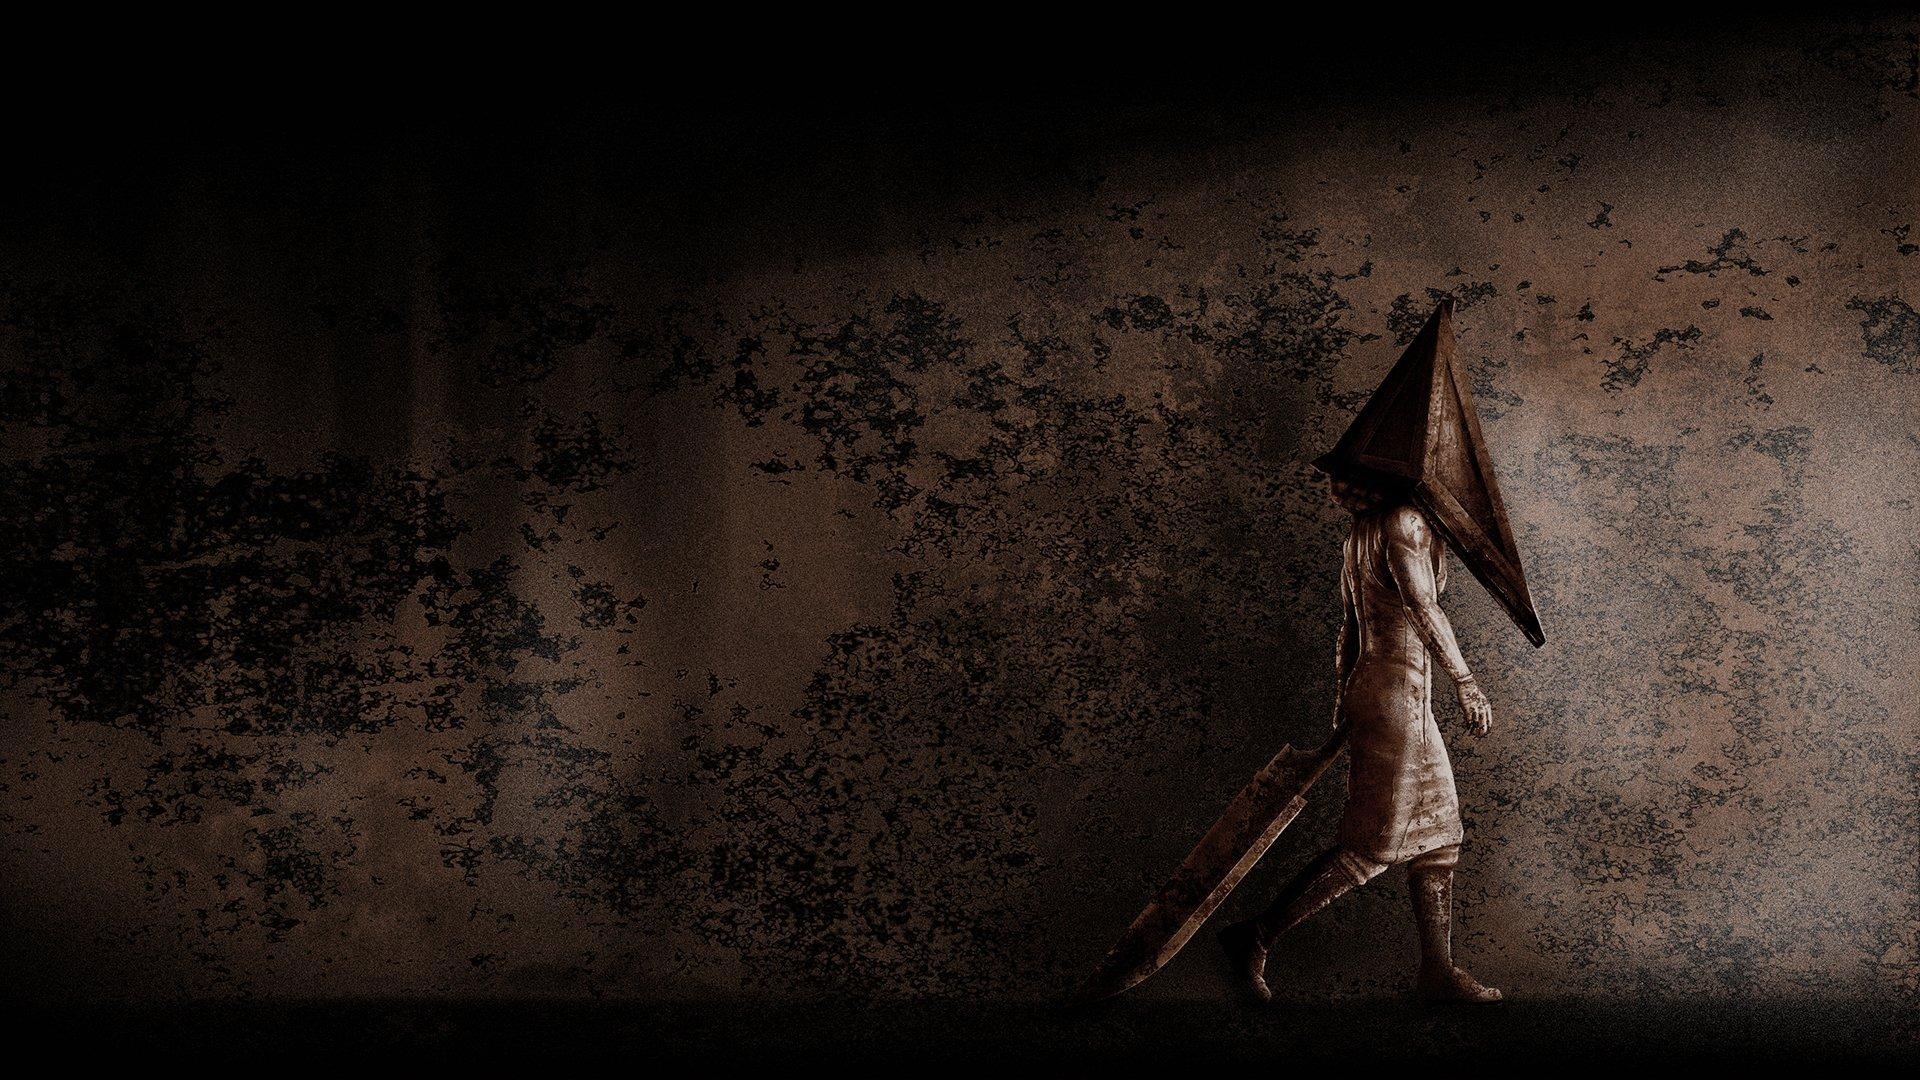 Depois de deixar o SIE Japan Studio este mês, o criador de Silent Hill, Keiichiro Toyama, revela que está desenvolvendo um novo IP de terror.